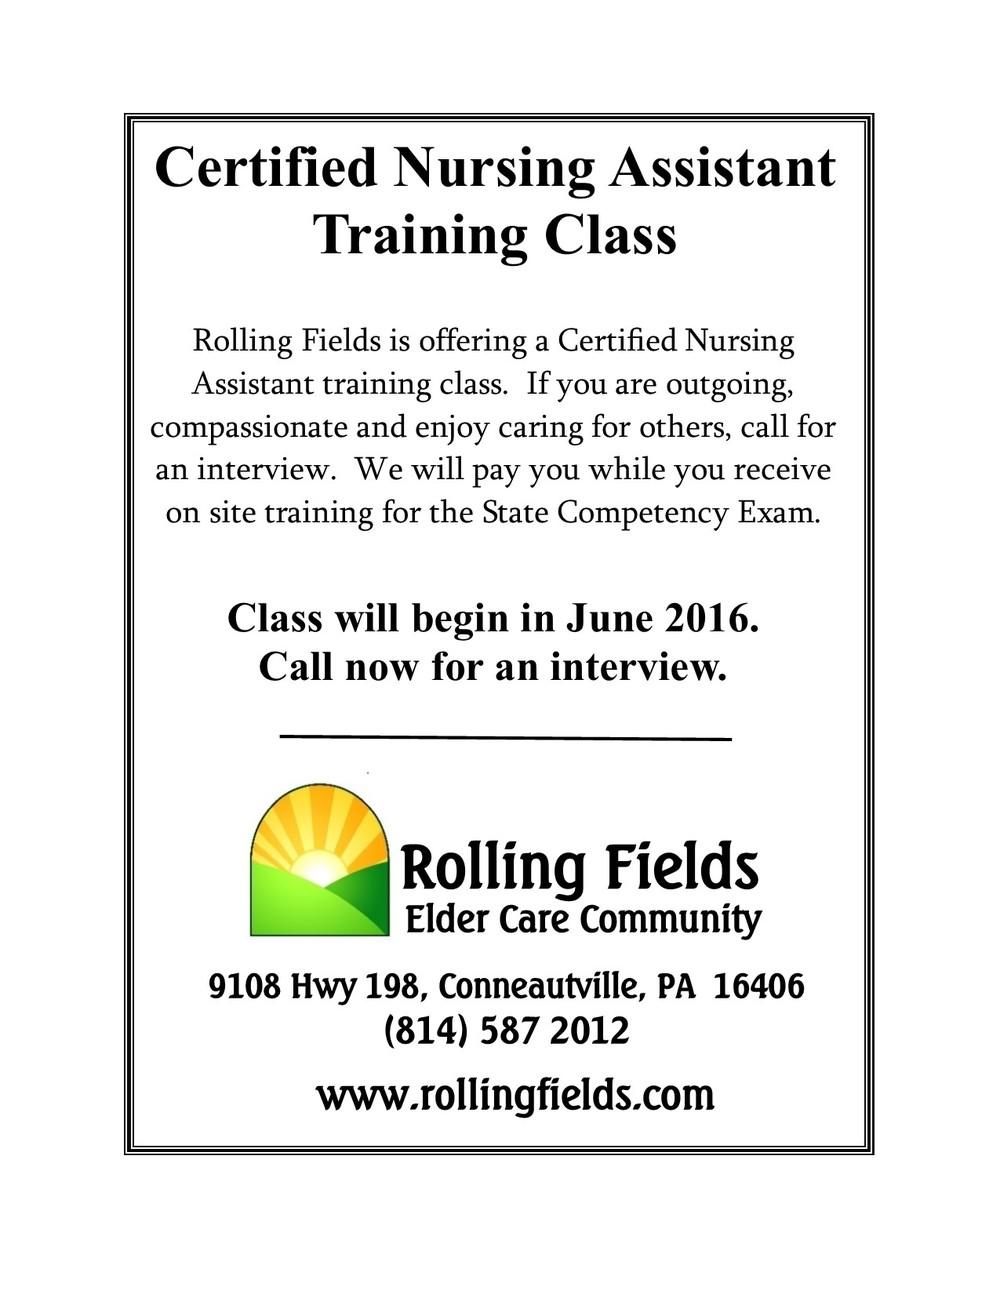 Certified Nursing Assistant Training Rolling Fields Elder Care